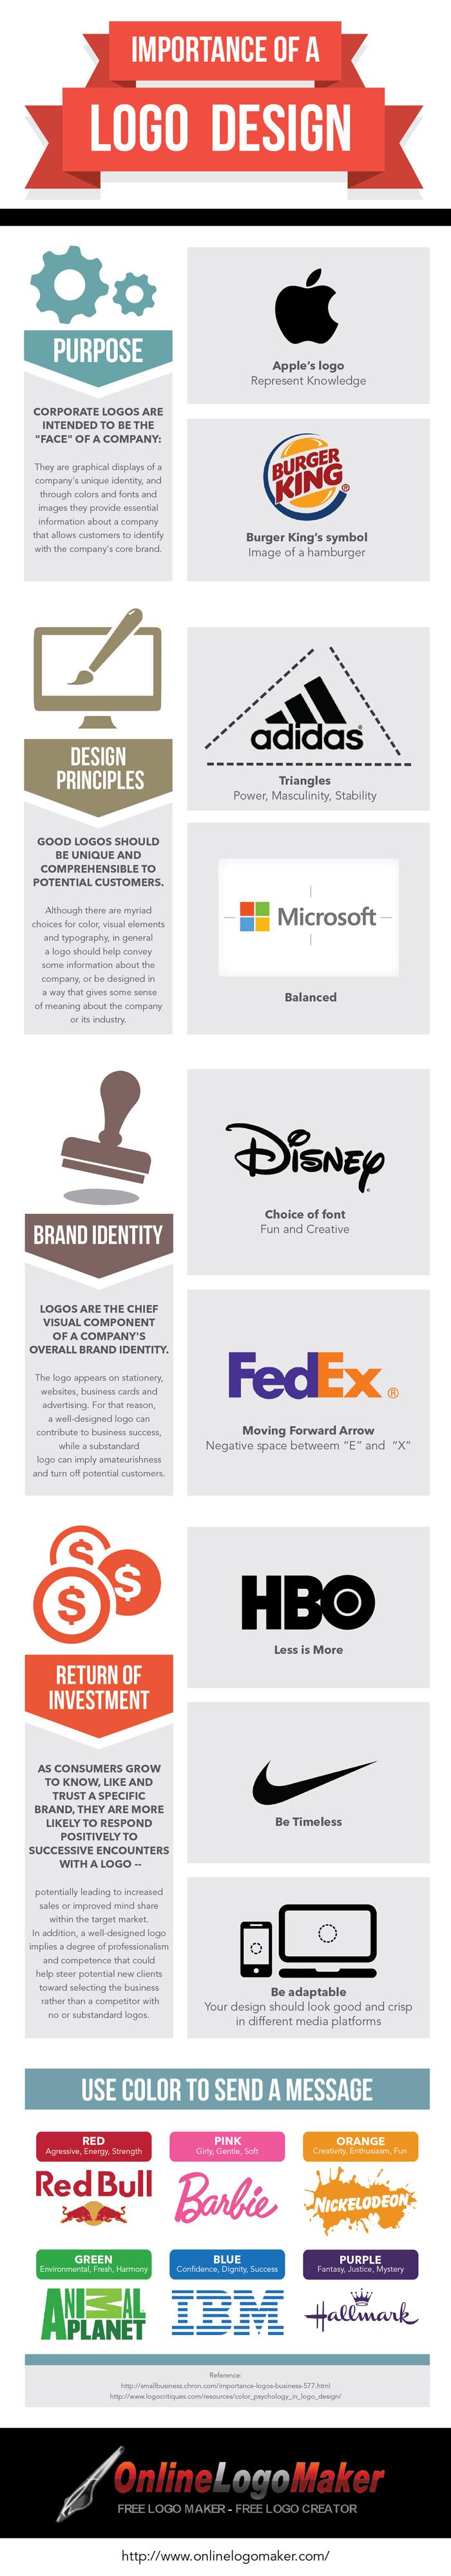 La importancia del diseño de un logo